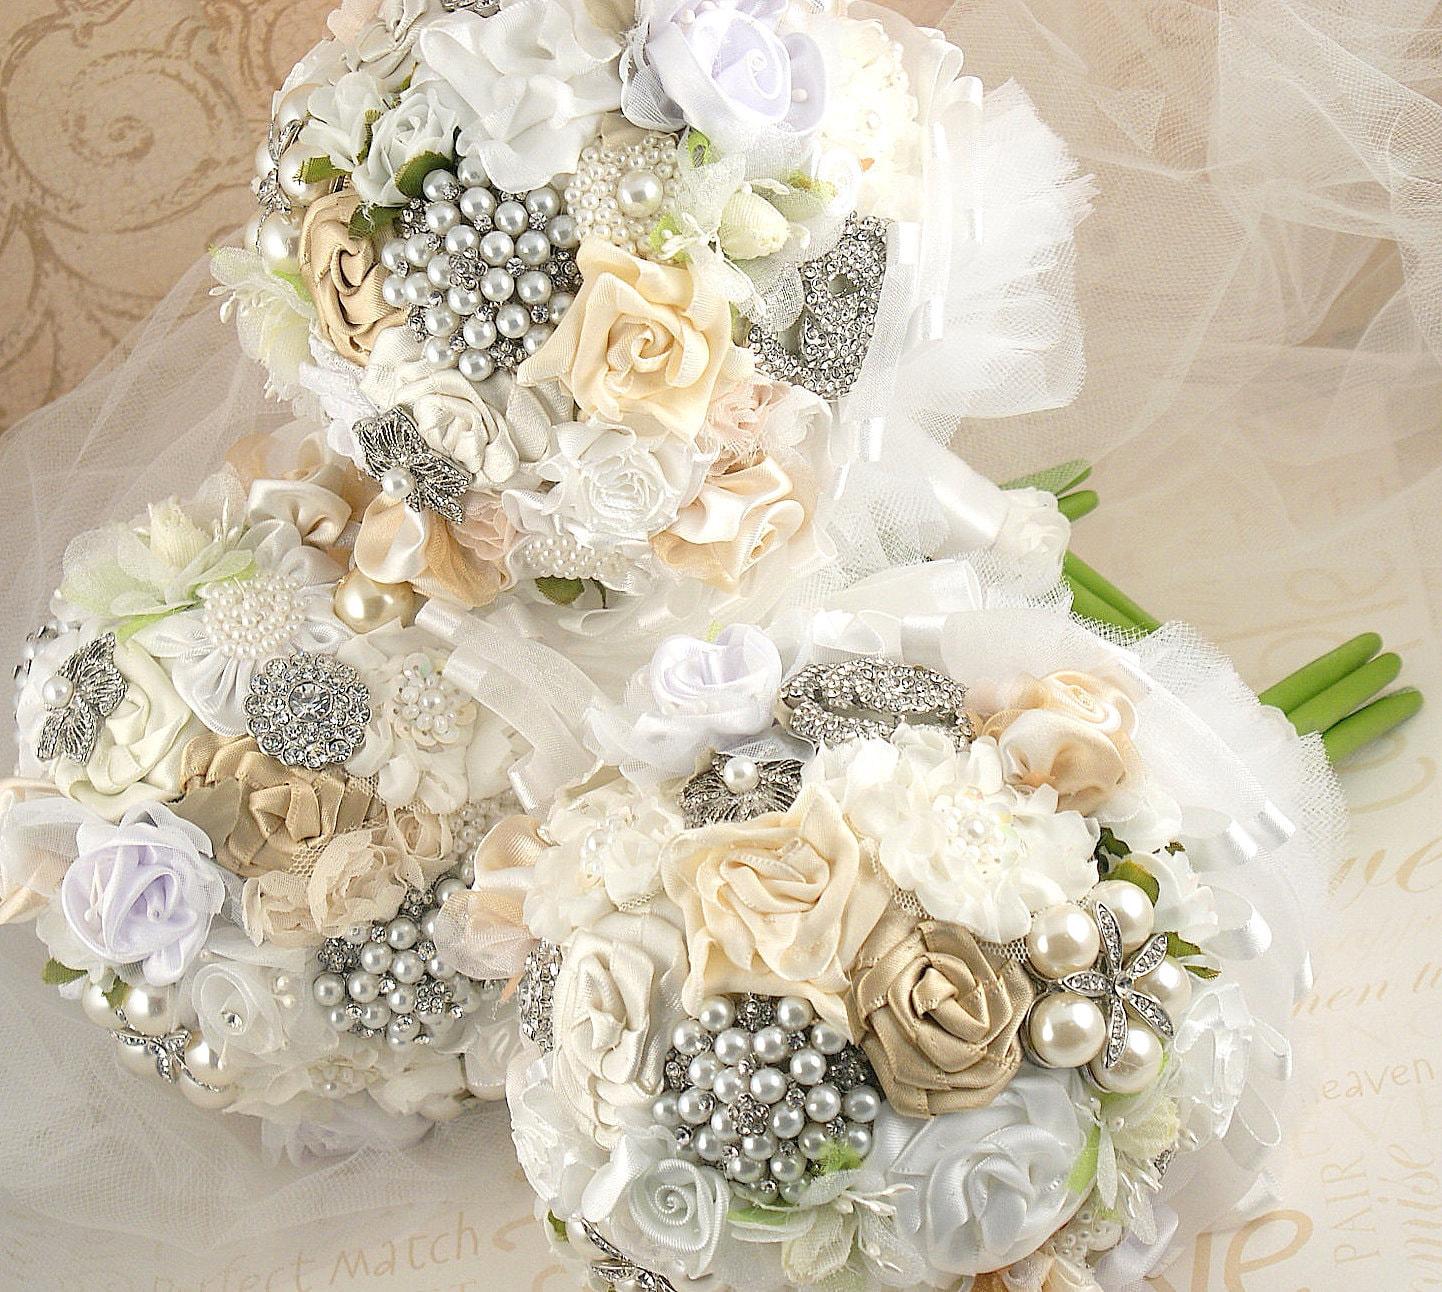 Букеты подружек невесты брошь Jeweled букеты в Кот-белый с броши, атласные цветы и драгоценности